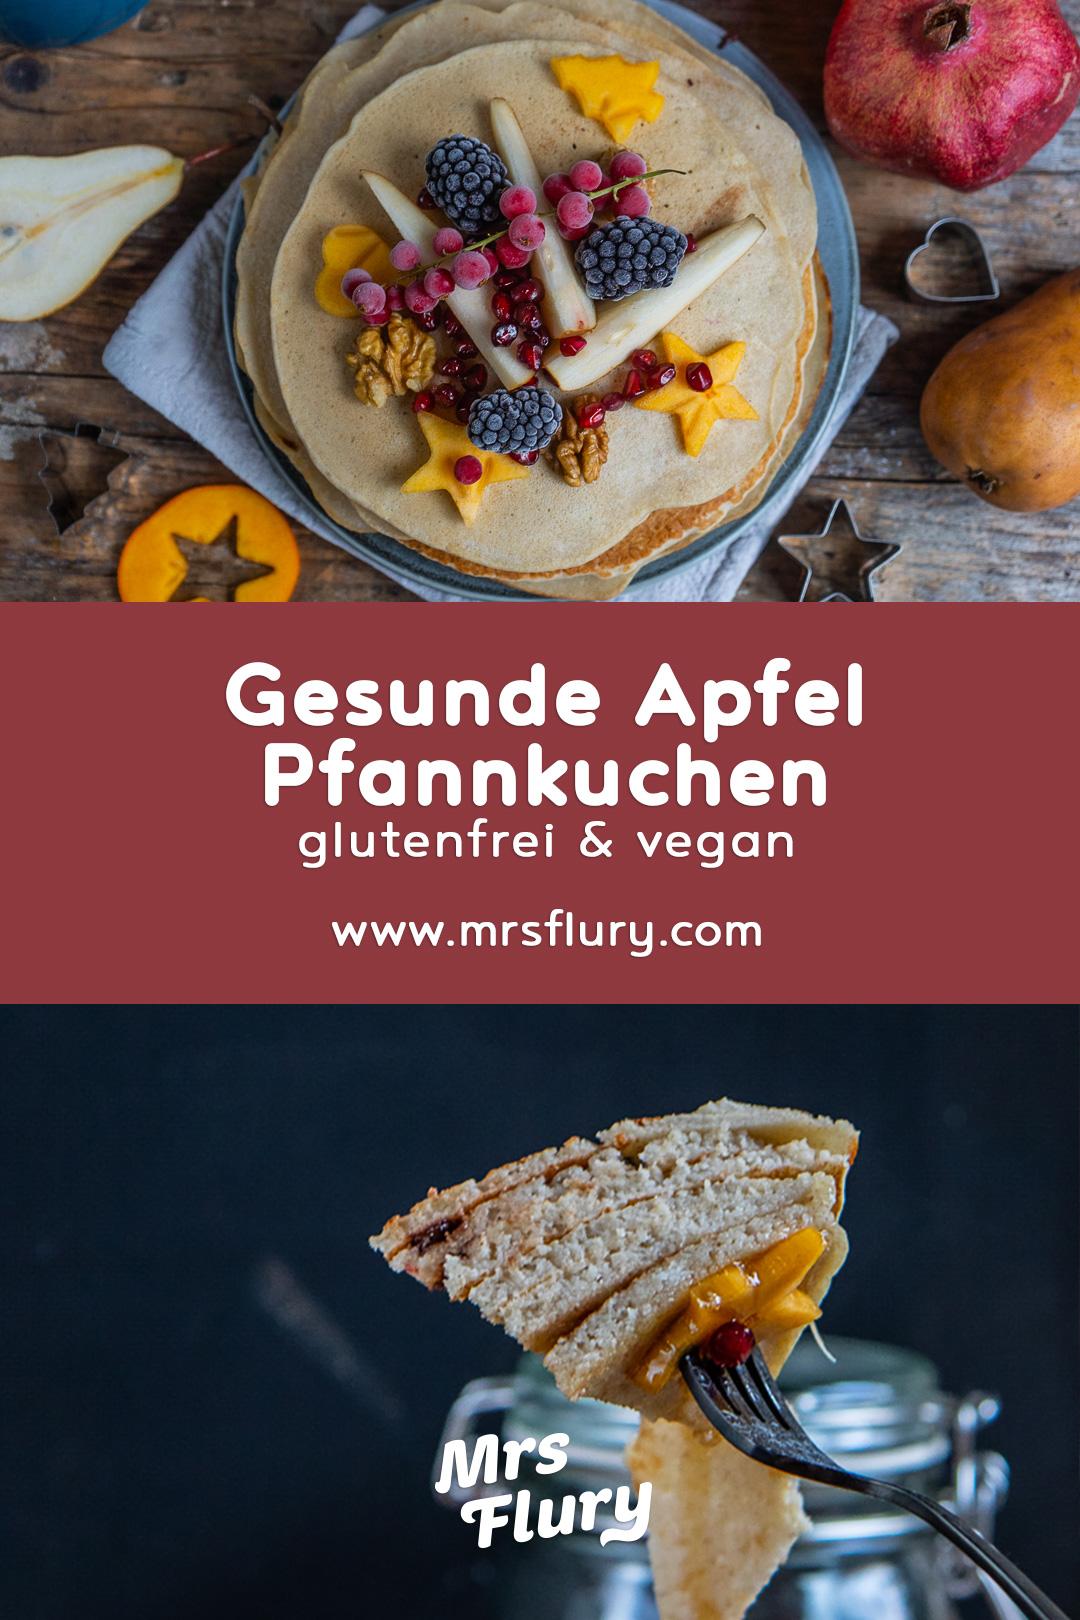 Gesunde Apfelpfannkuchen vegan & glutenfrei Mrs Flury